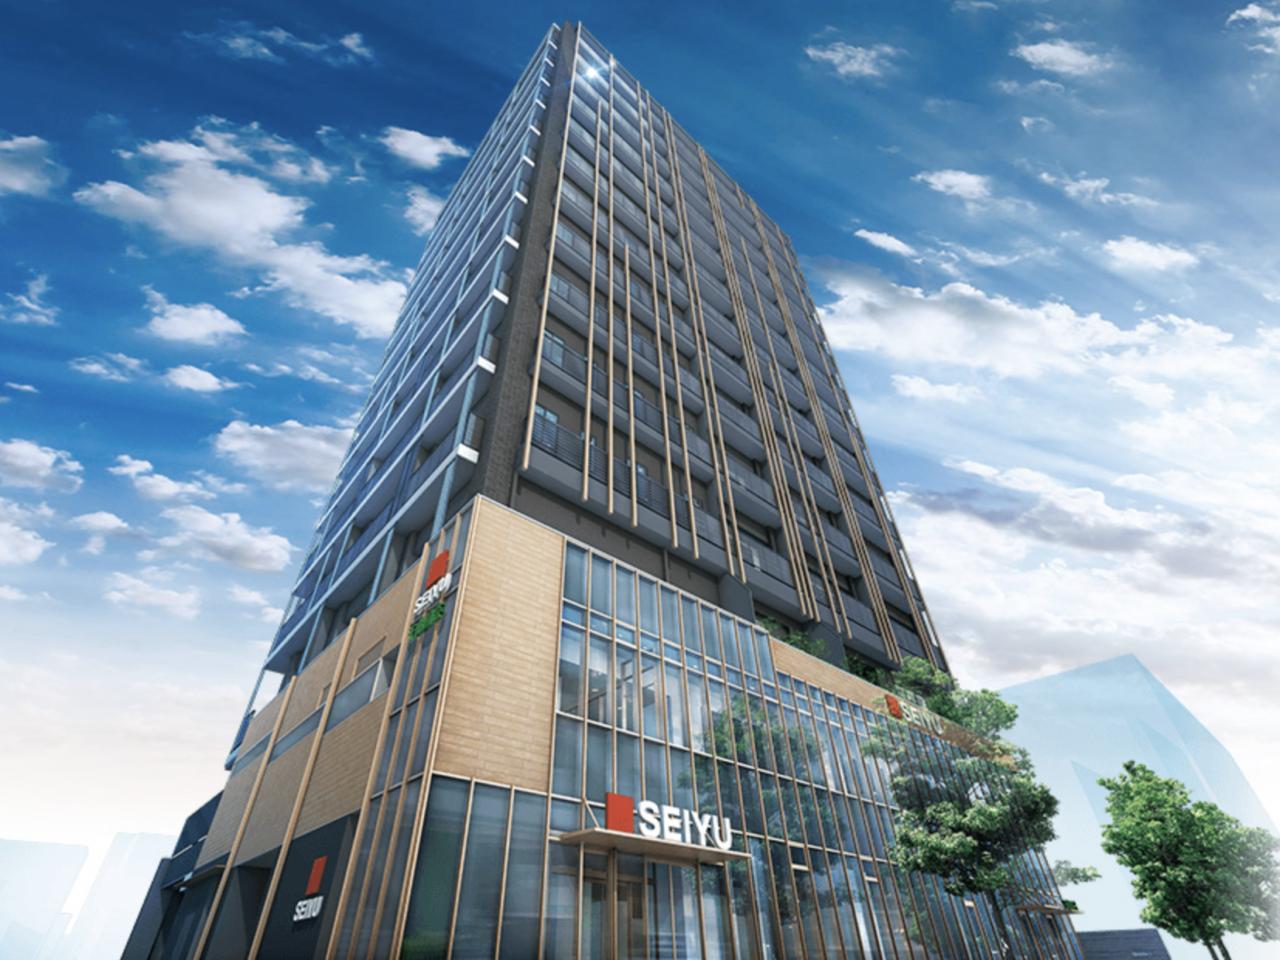 西友長野石堂店の再開発ビル「グラディス南石堂」の完成予想図